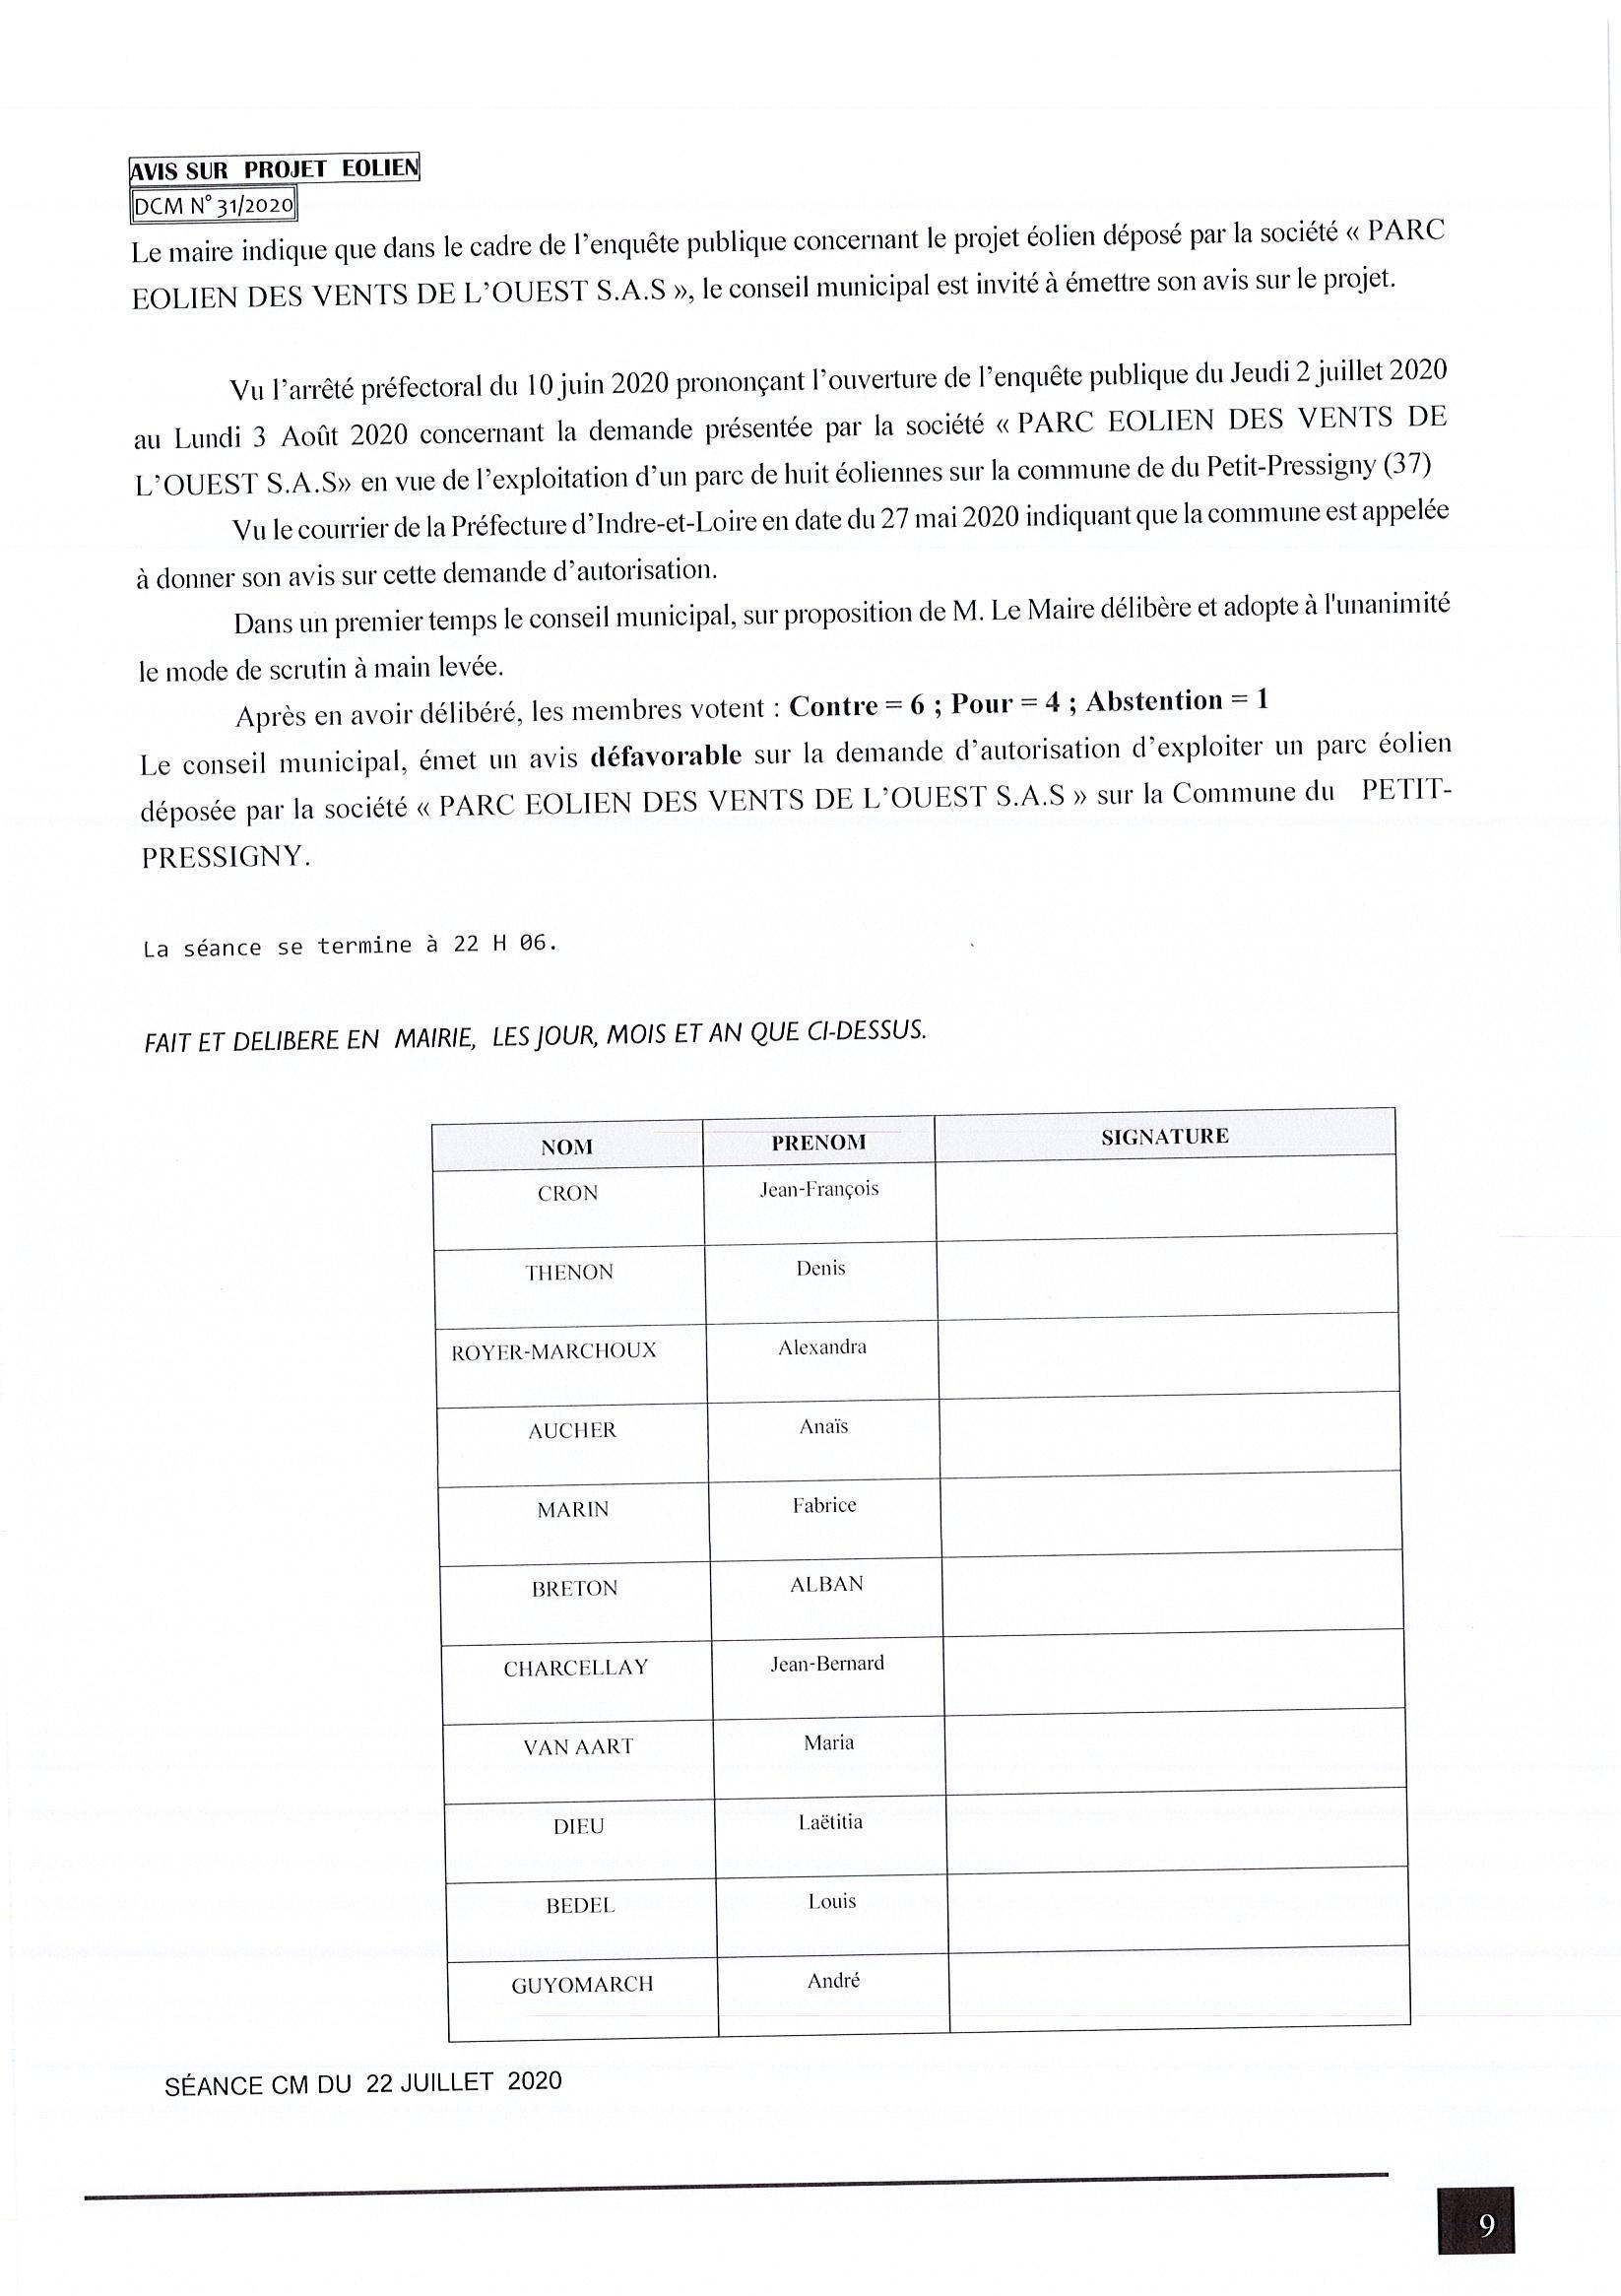 accueil/doc101120-10112020121830-0027.jpg